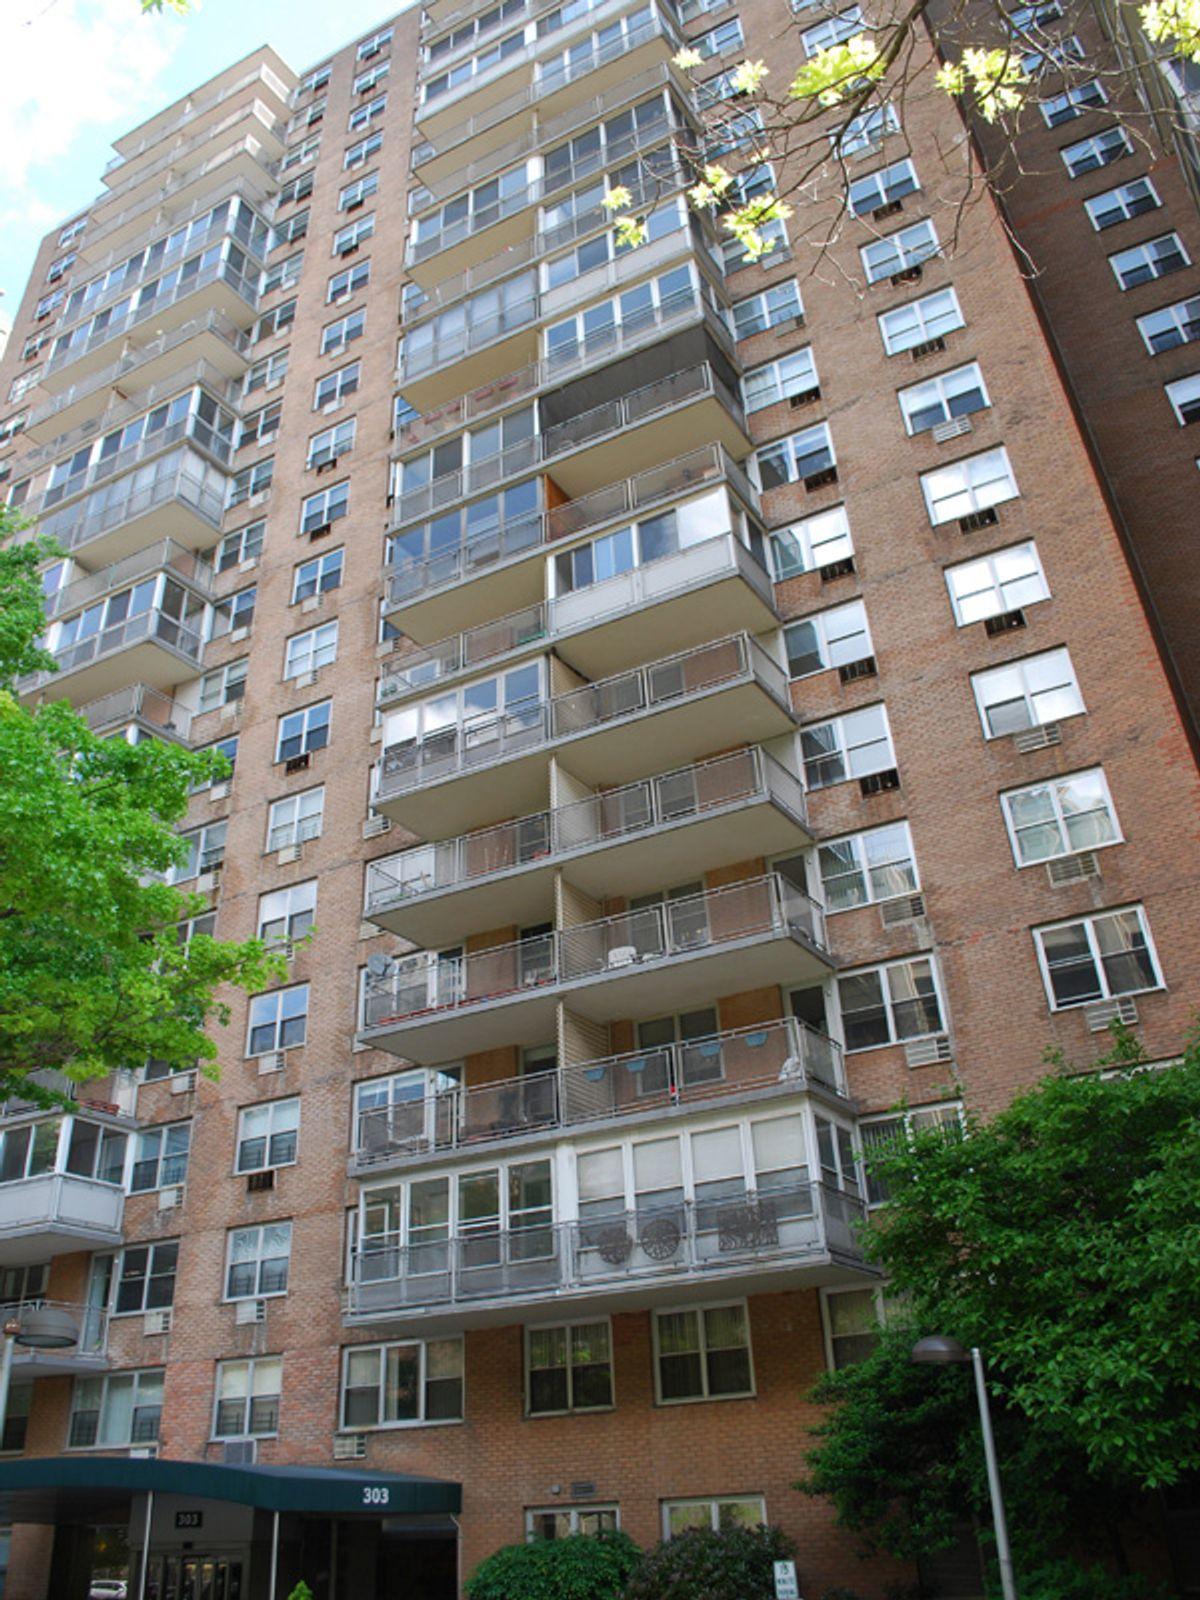 303 West 66th Street, 8HW